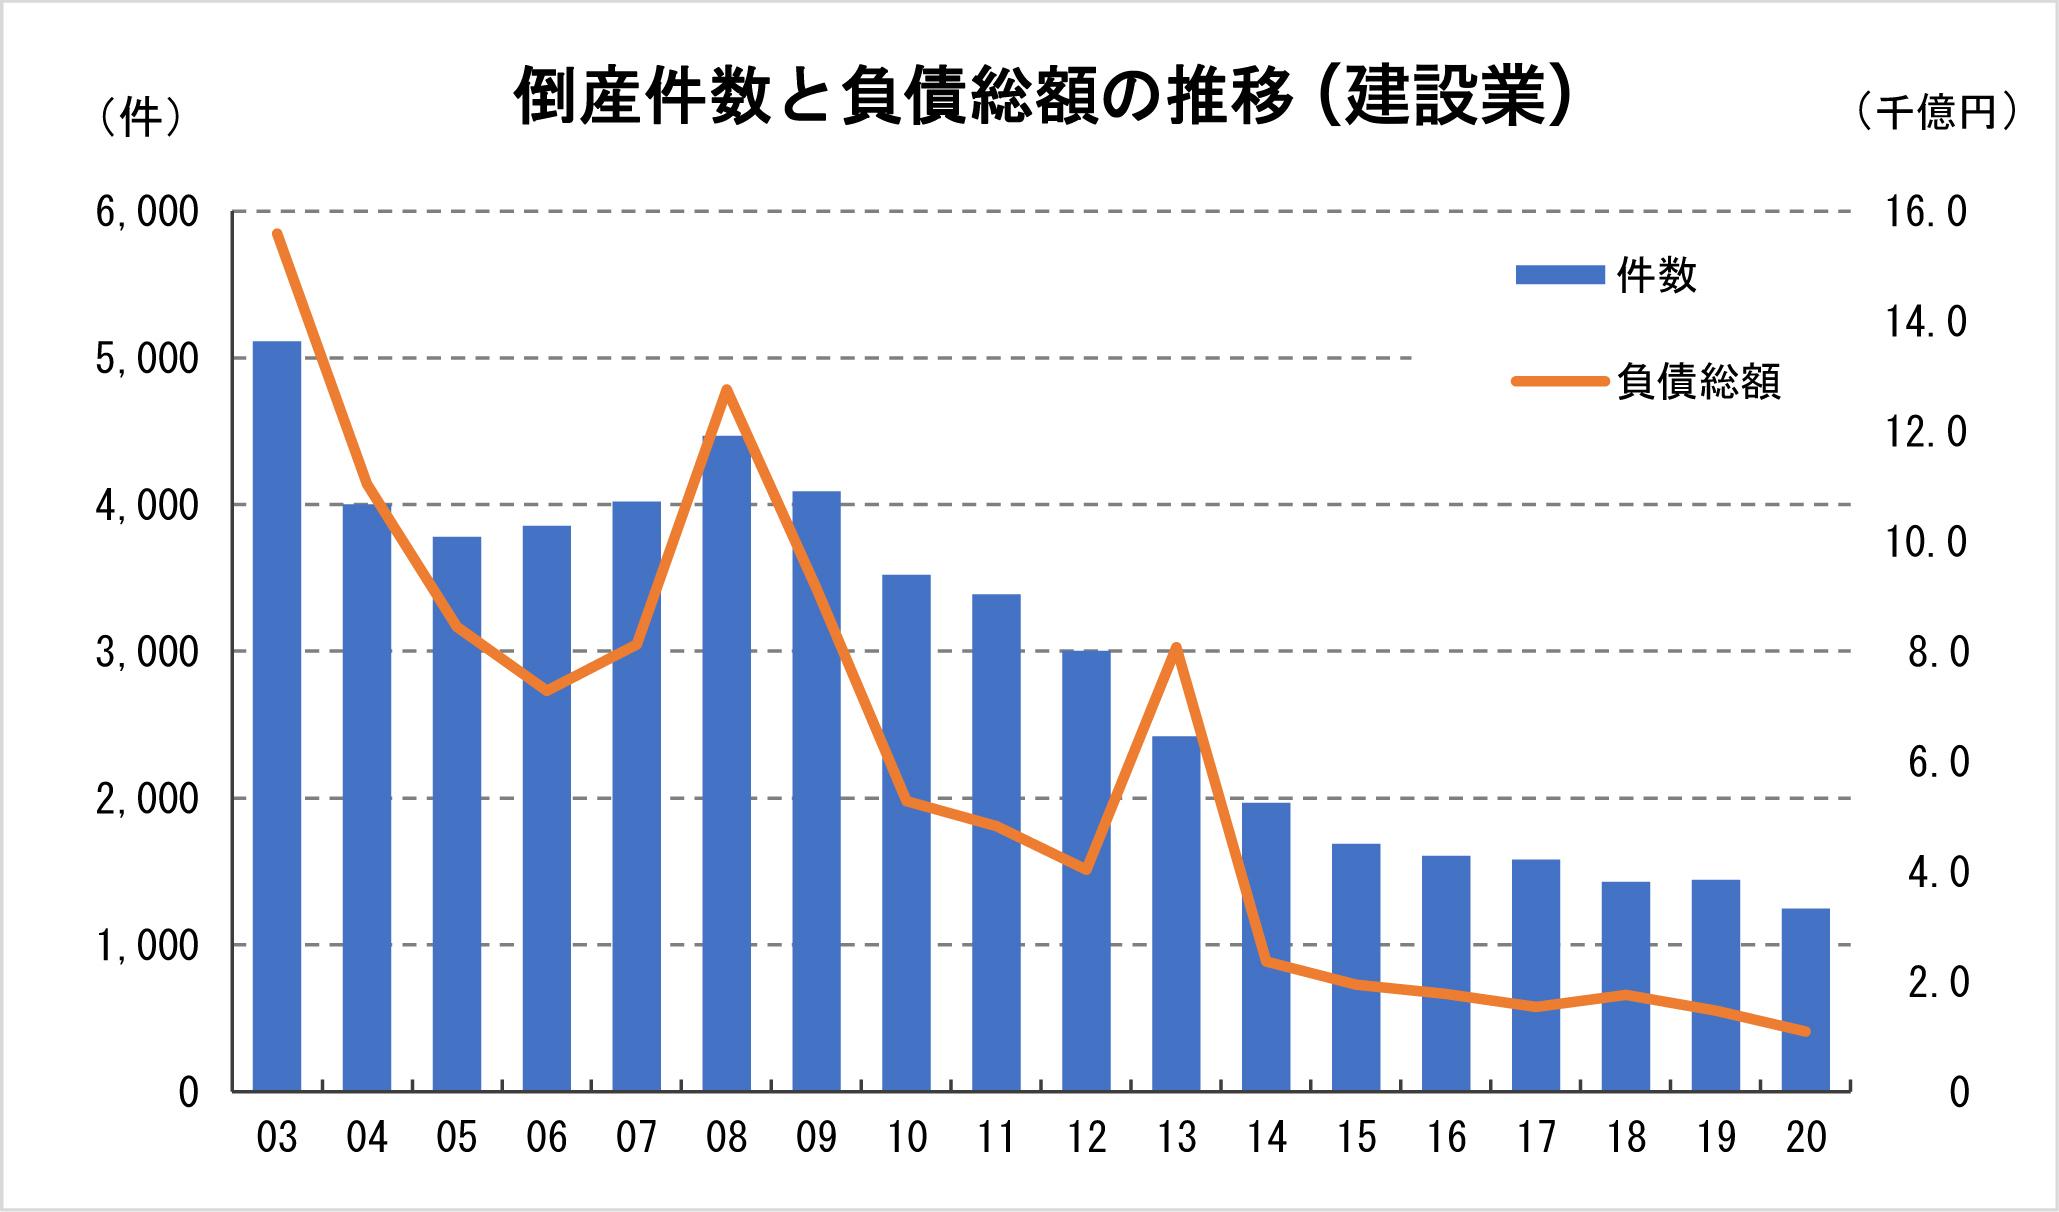 ①-2 倒産件数と負債総額の推移